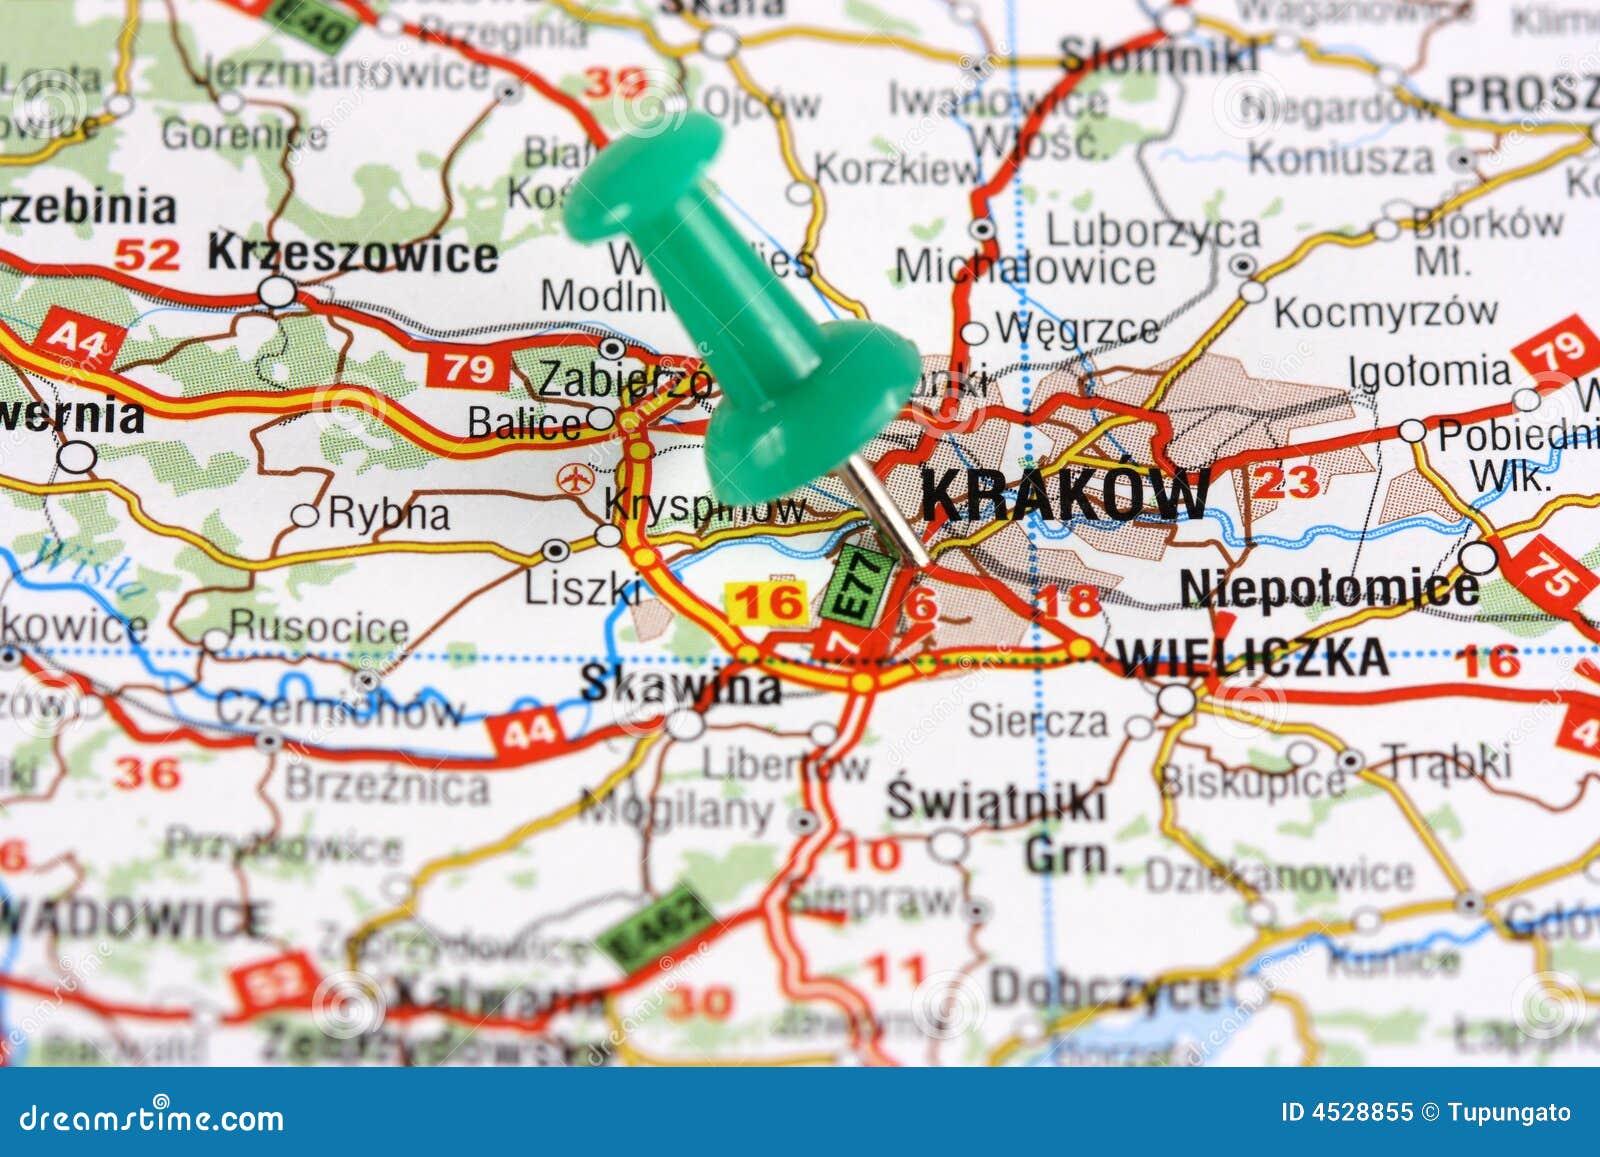 krakau steckte auf karte fest lizenzfreies stockfoto bild 4528855. Black Bedroom Furniture Sets. Home Design Ideas